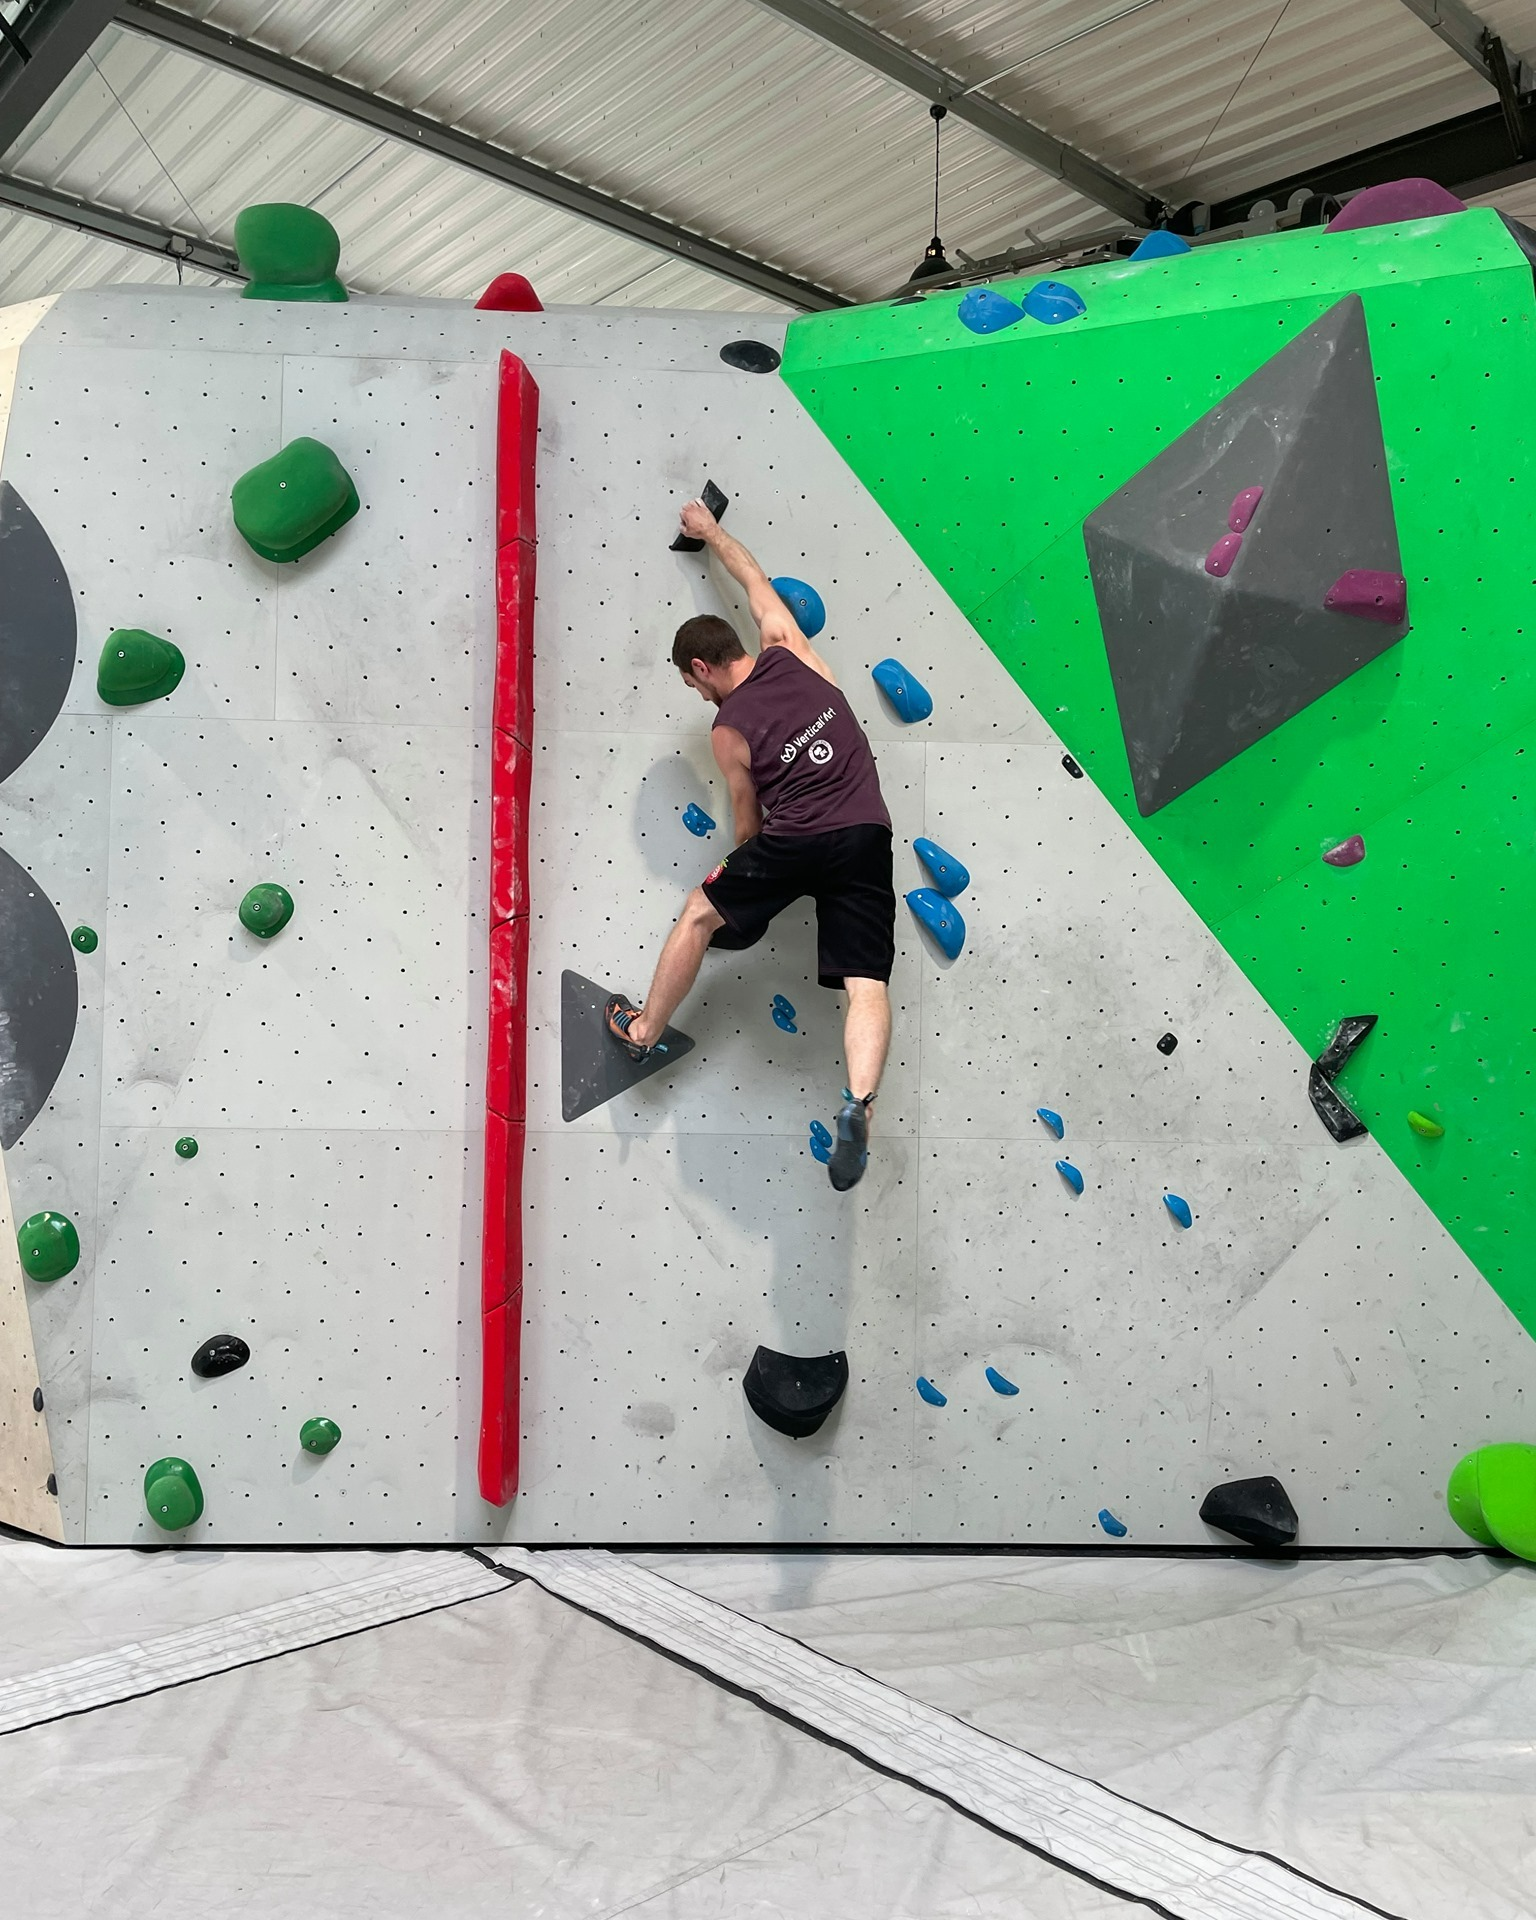 Soirée Free Climbing ce mercredi 25 août à Vertical'Art Lille, soirée tapas et happy hour